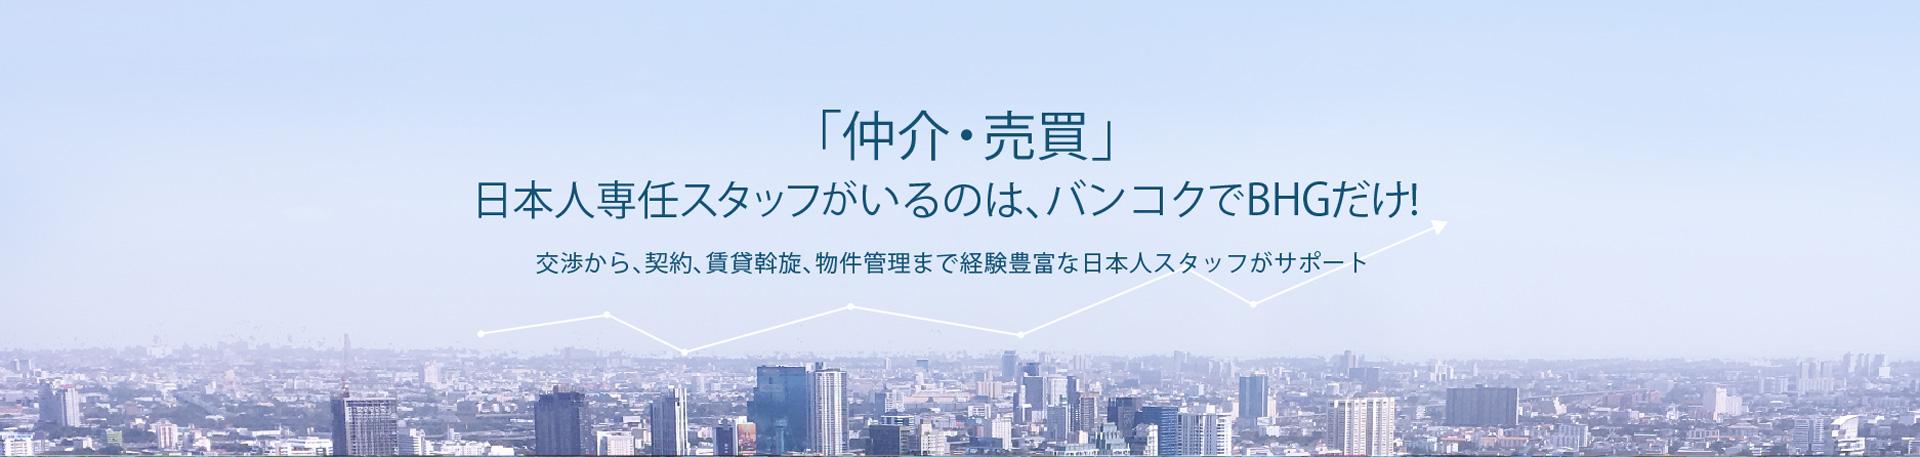 BHG 日本人スタッフが安心・安全な取引をフルサポート まずはご希望・条件、ご心配事を気軽にお聞かせください